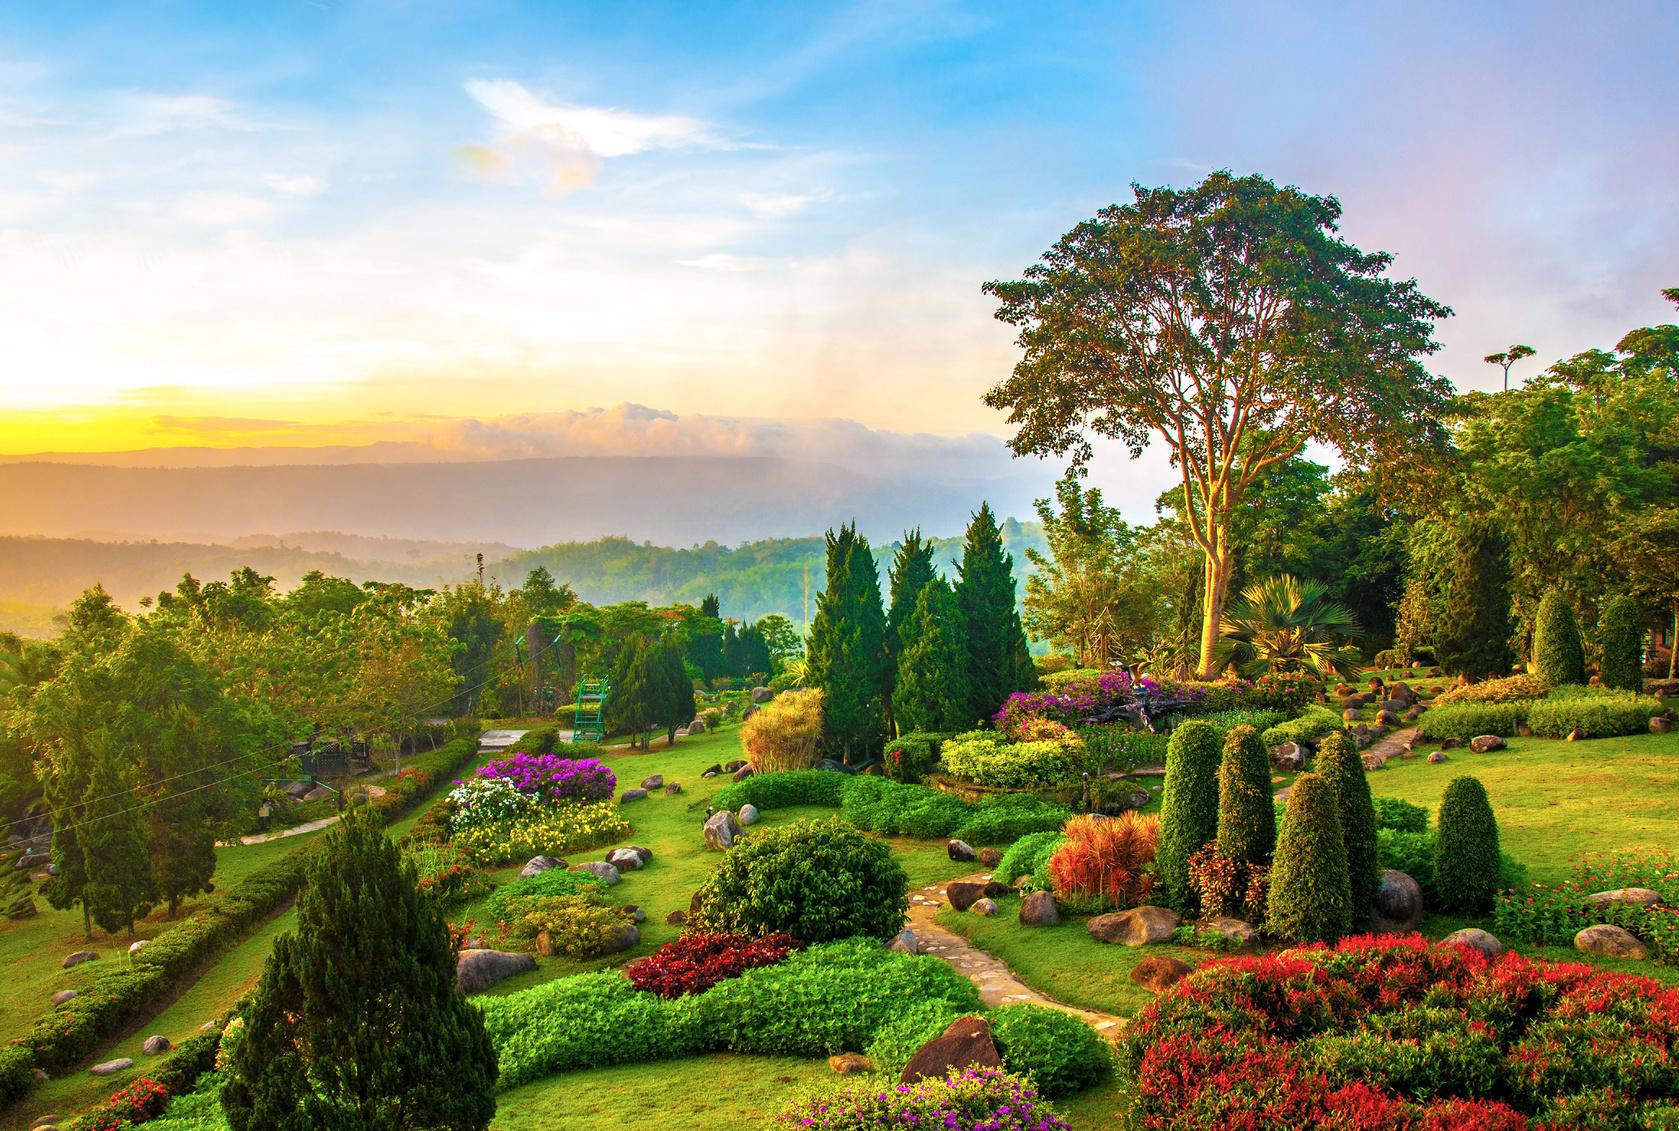 Dans le jardin for Dans le jardin